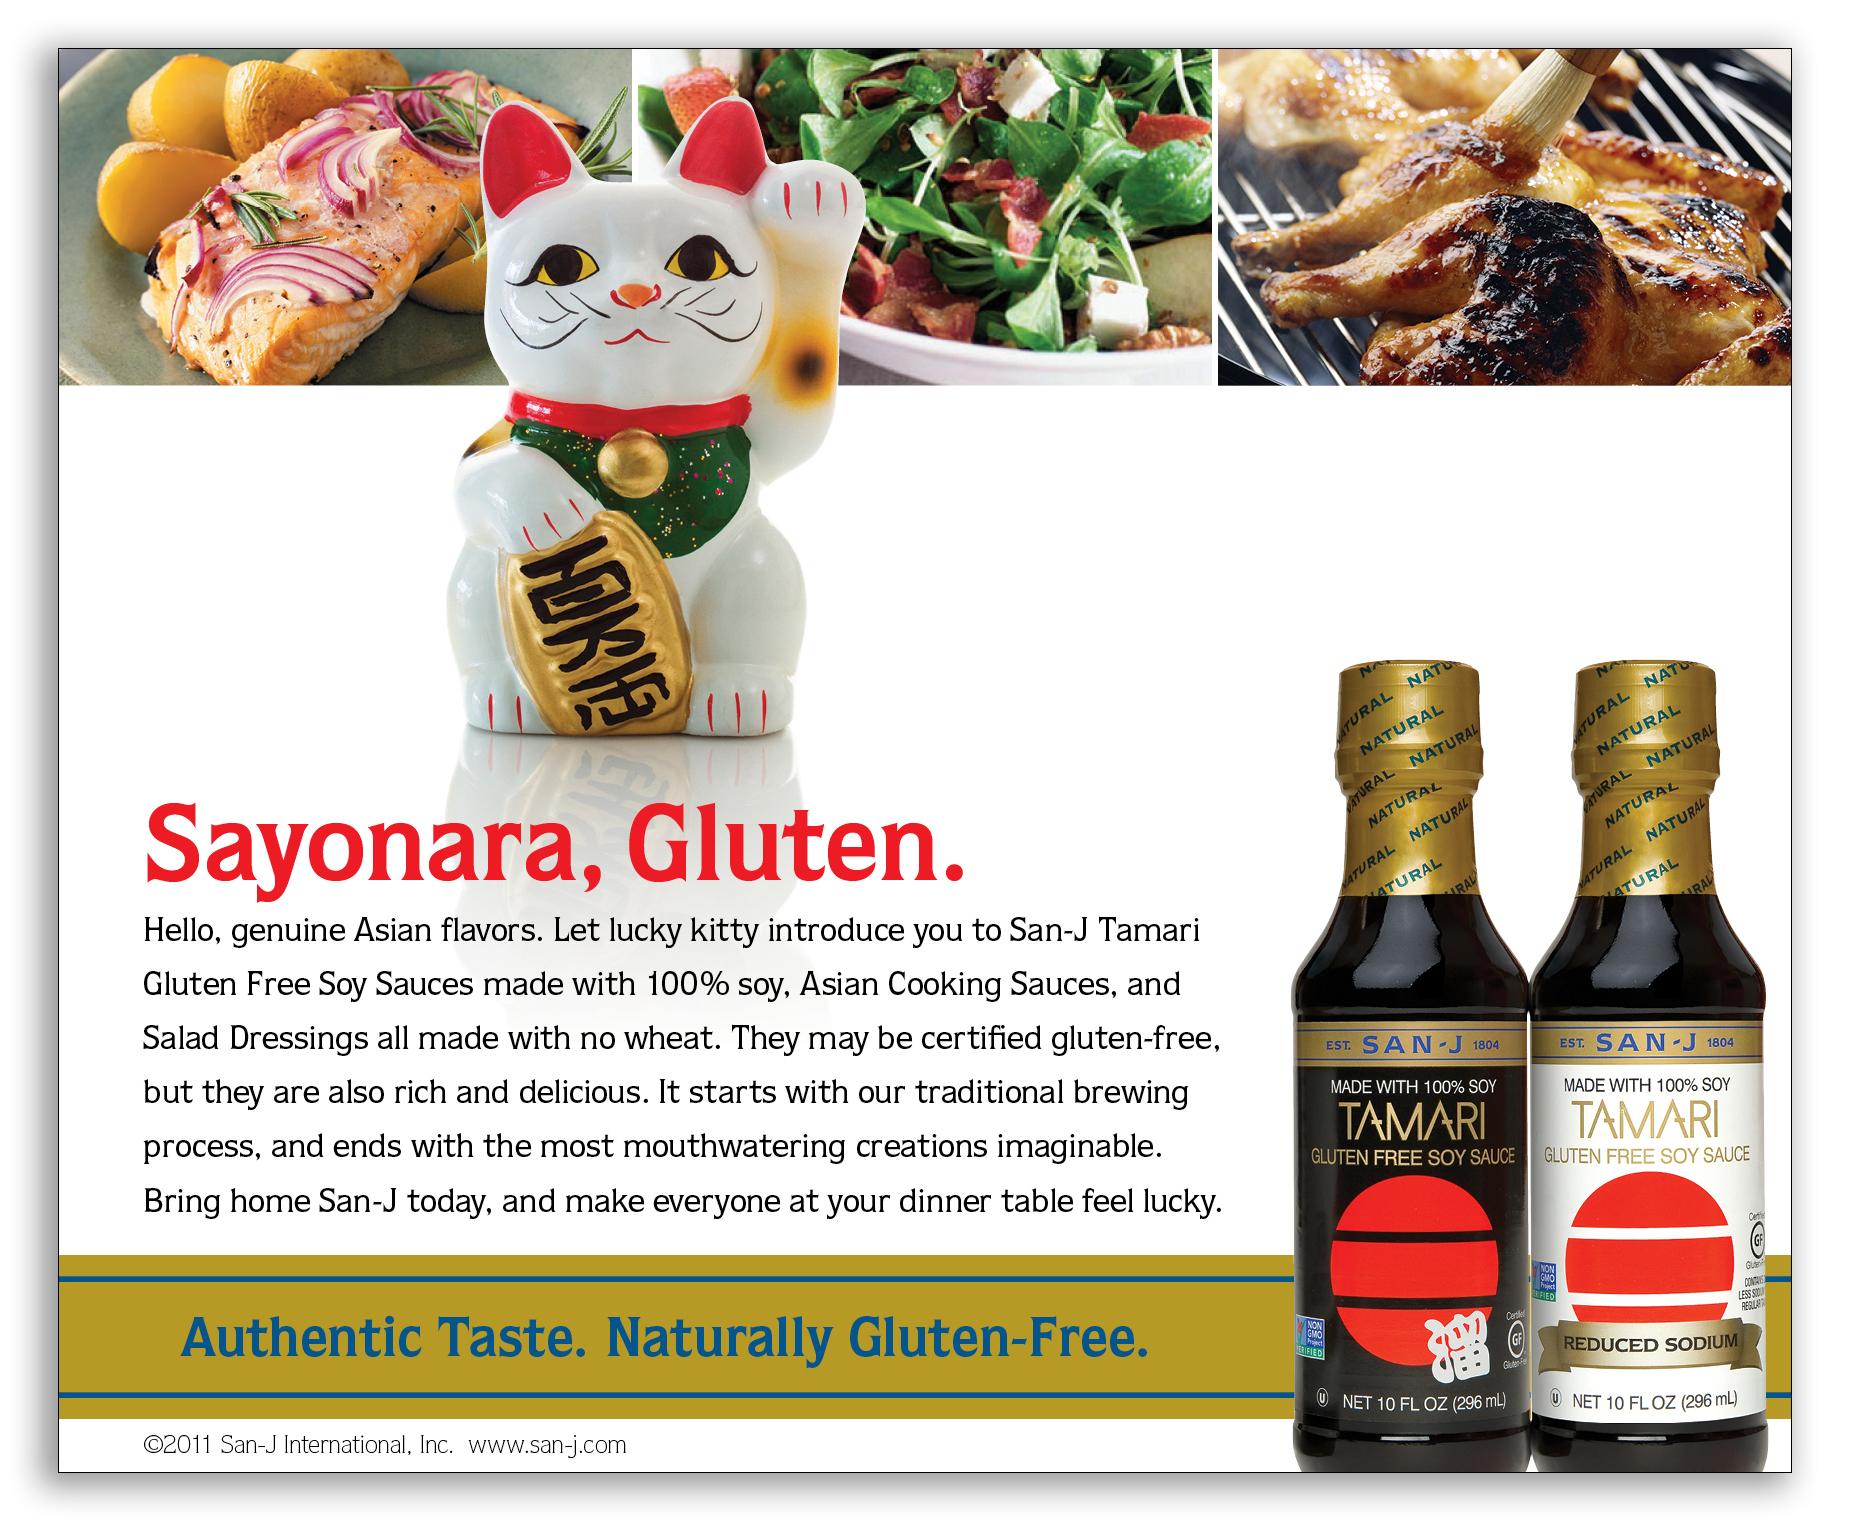 Advertising for San-J gluten free tamari